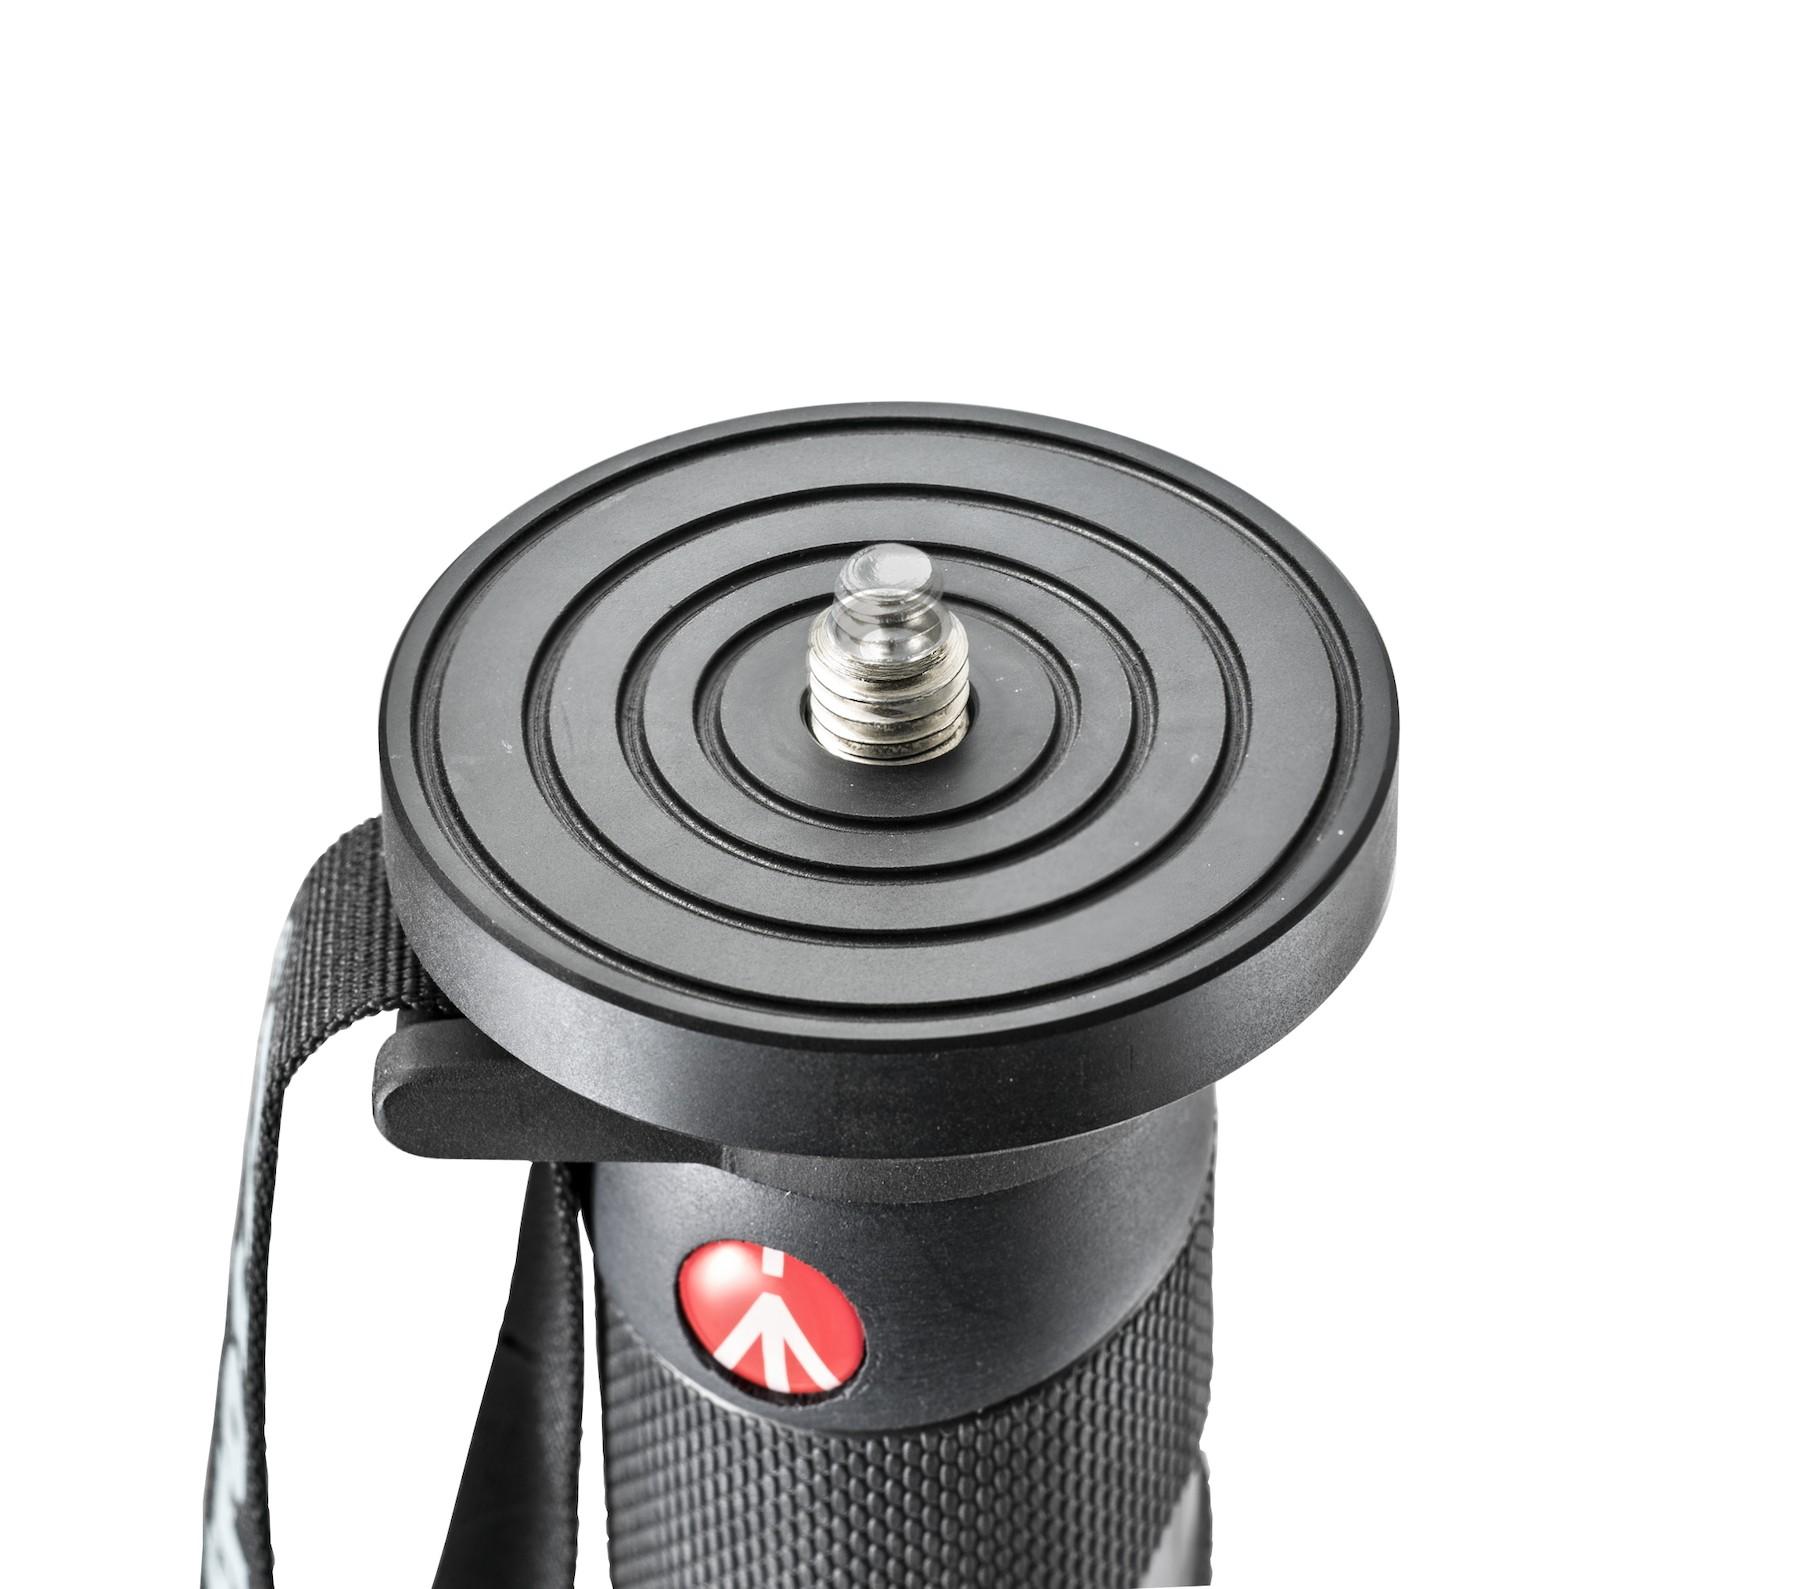 Monopié Manfrotto XPRO PRIME 4 tornillo zapata reversible